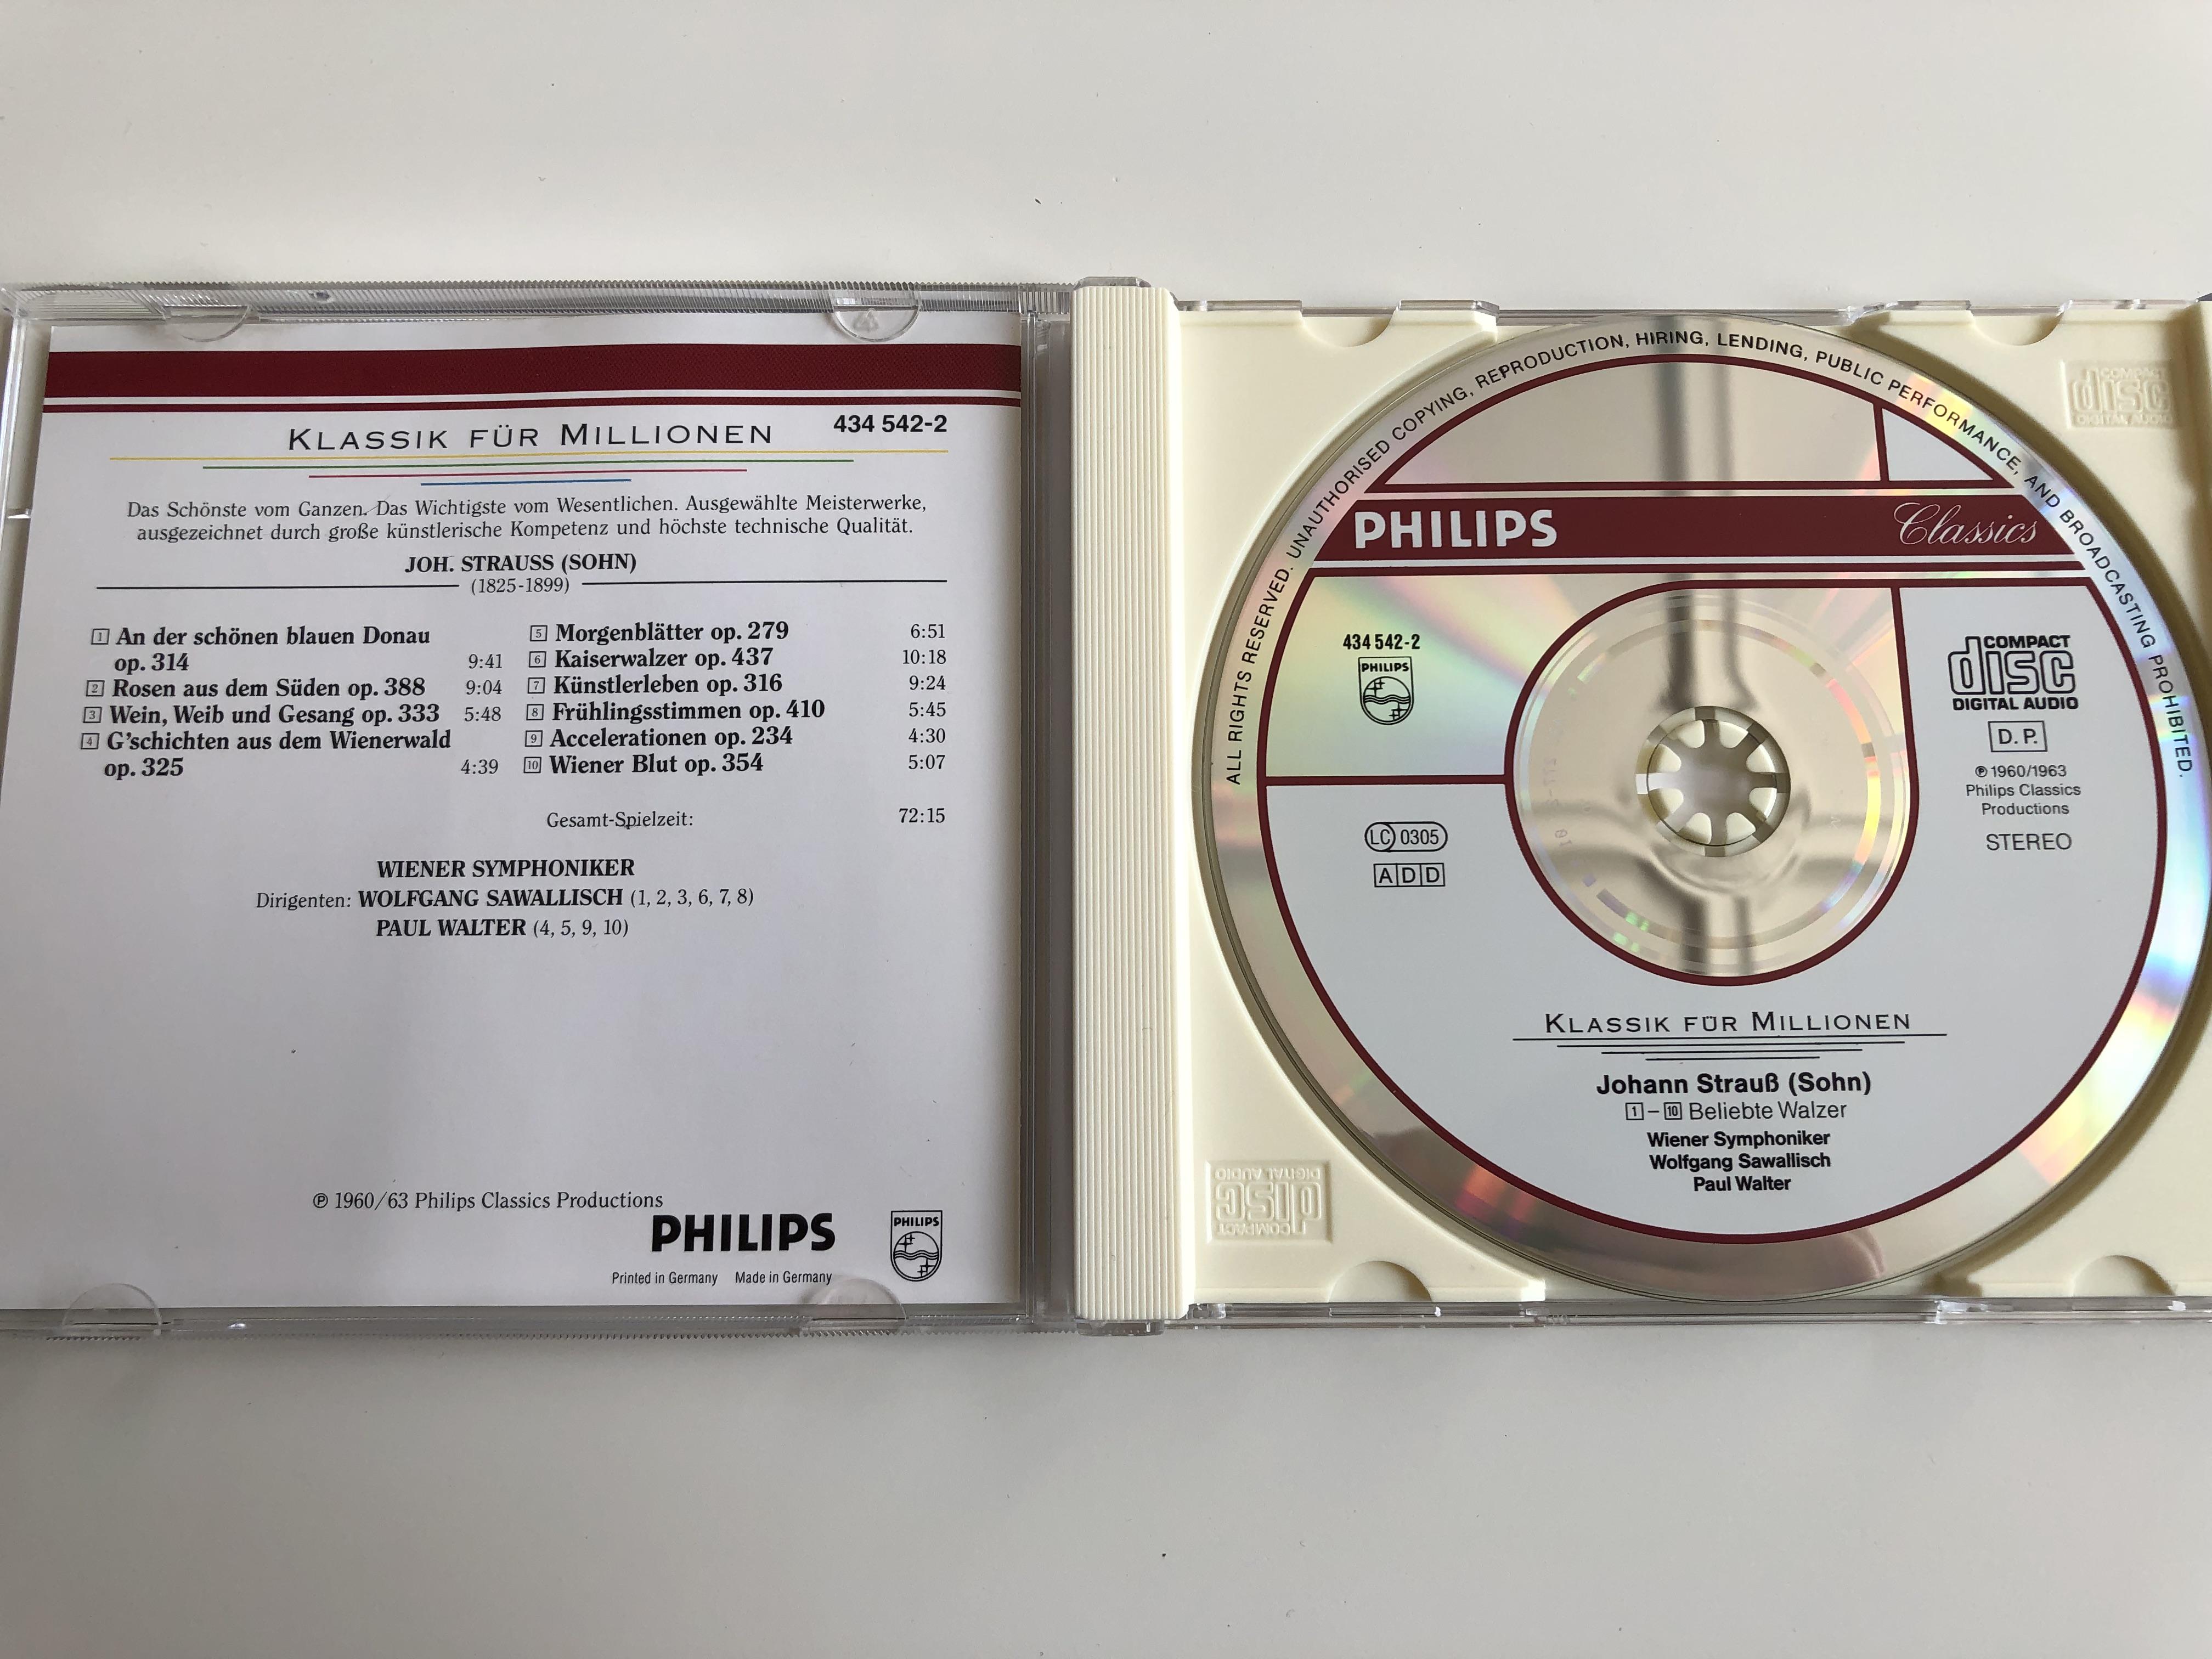 joh.-strauss-walzer-an-der-sch-nen-blauen-donau-kaiserwalzer-rosen-aus-dem-s-den-wiener-blut-fr-hlingsstimmen-u.a.-wiener-symphoniker-wolfgang-sawallisch-philips-classics-audio-cd-ster-3-.jpg